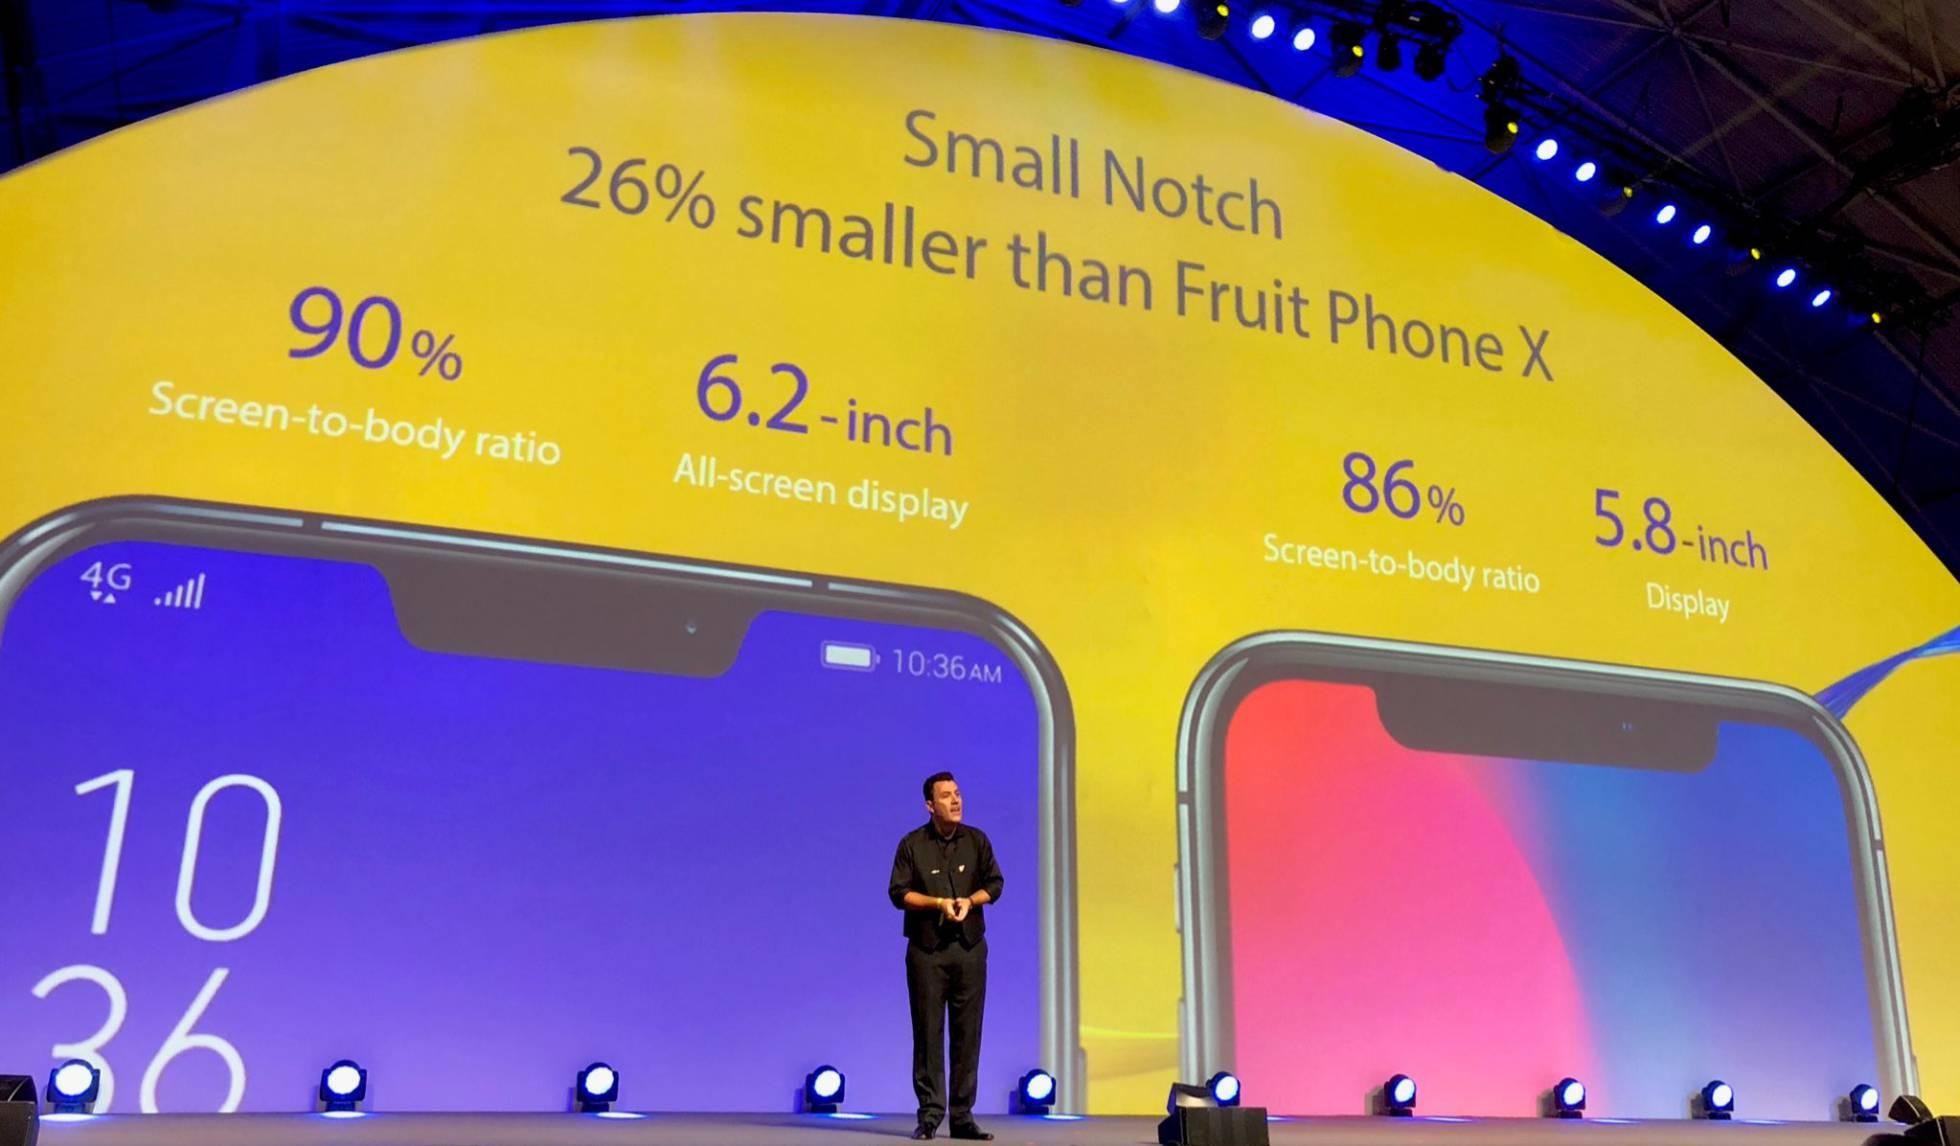 Asus presentando su nuevo smartphone parecido al iPhone X